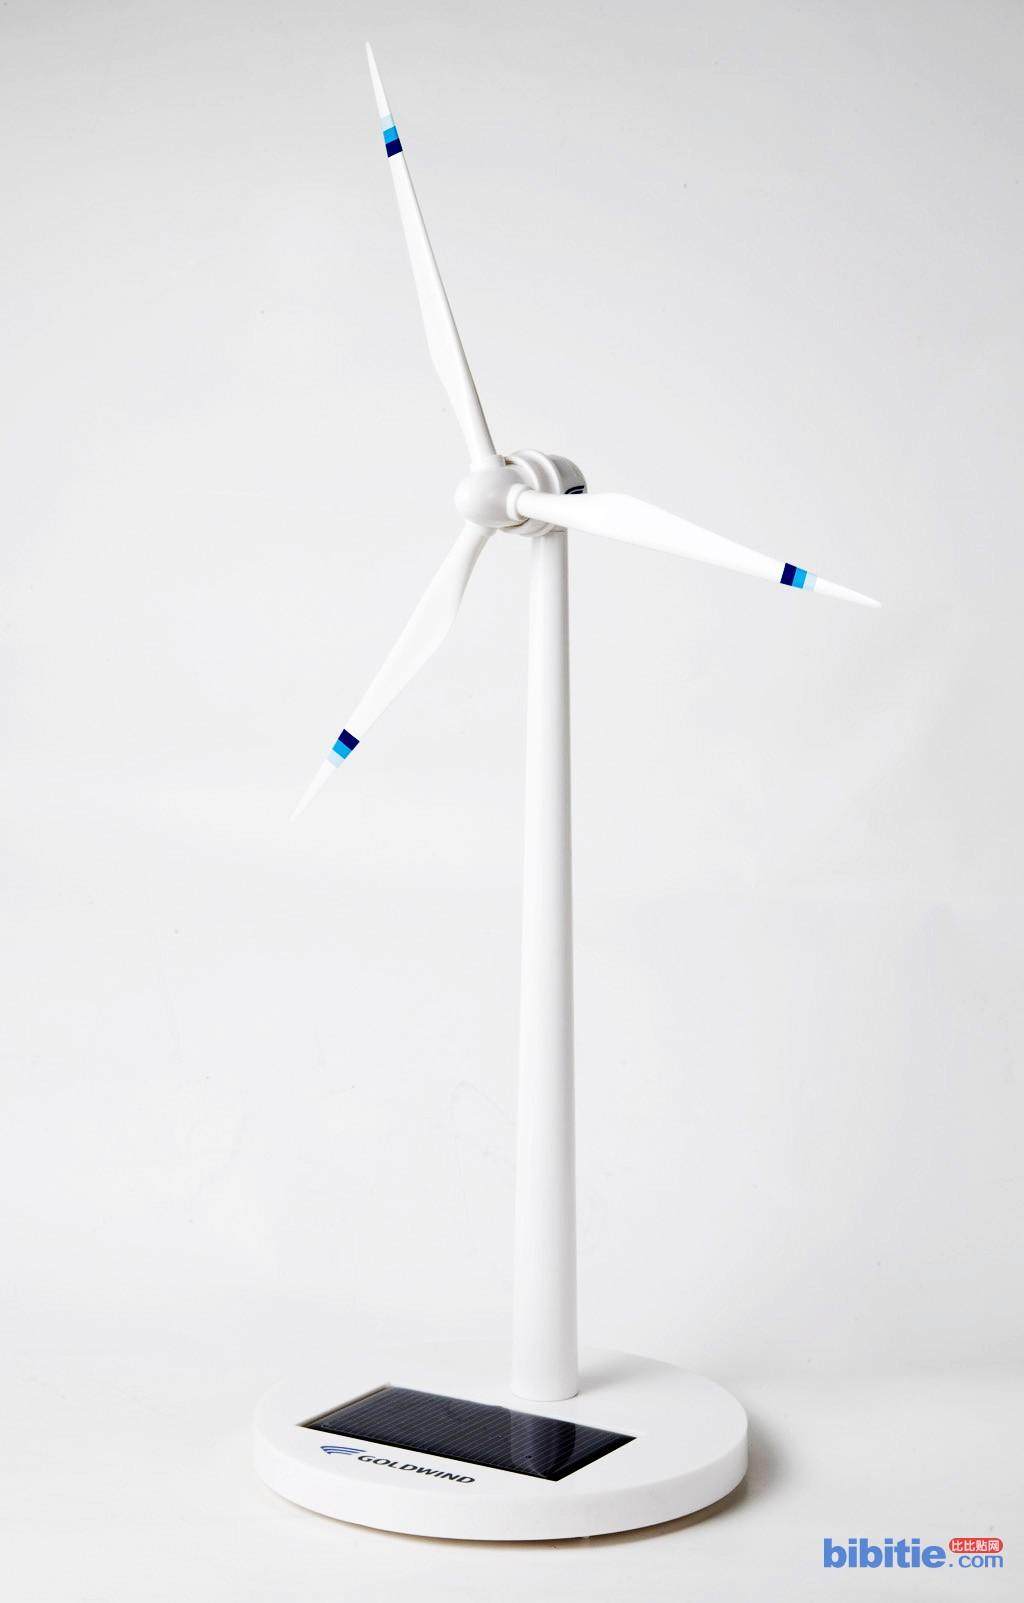 上海专业定制各种款式风机模型图片